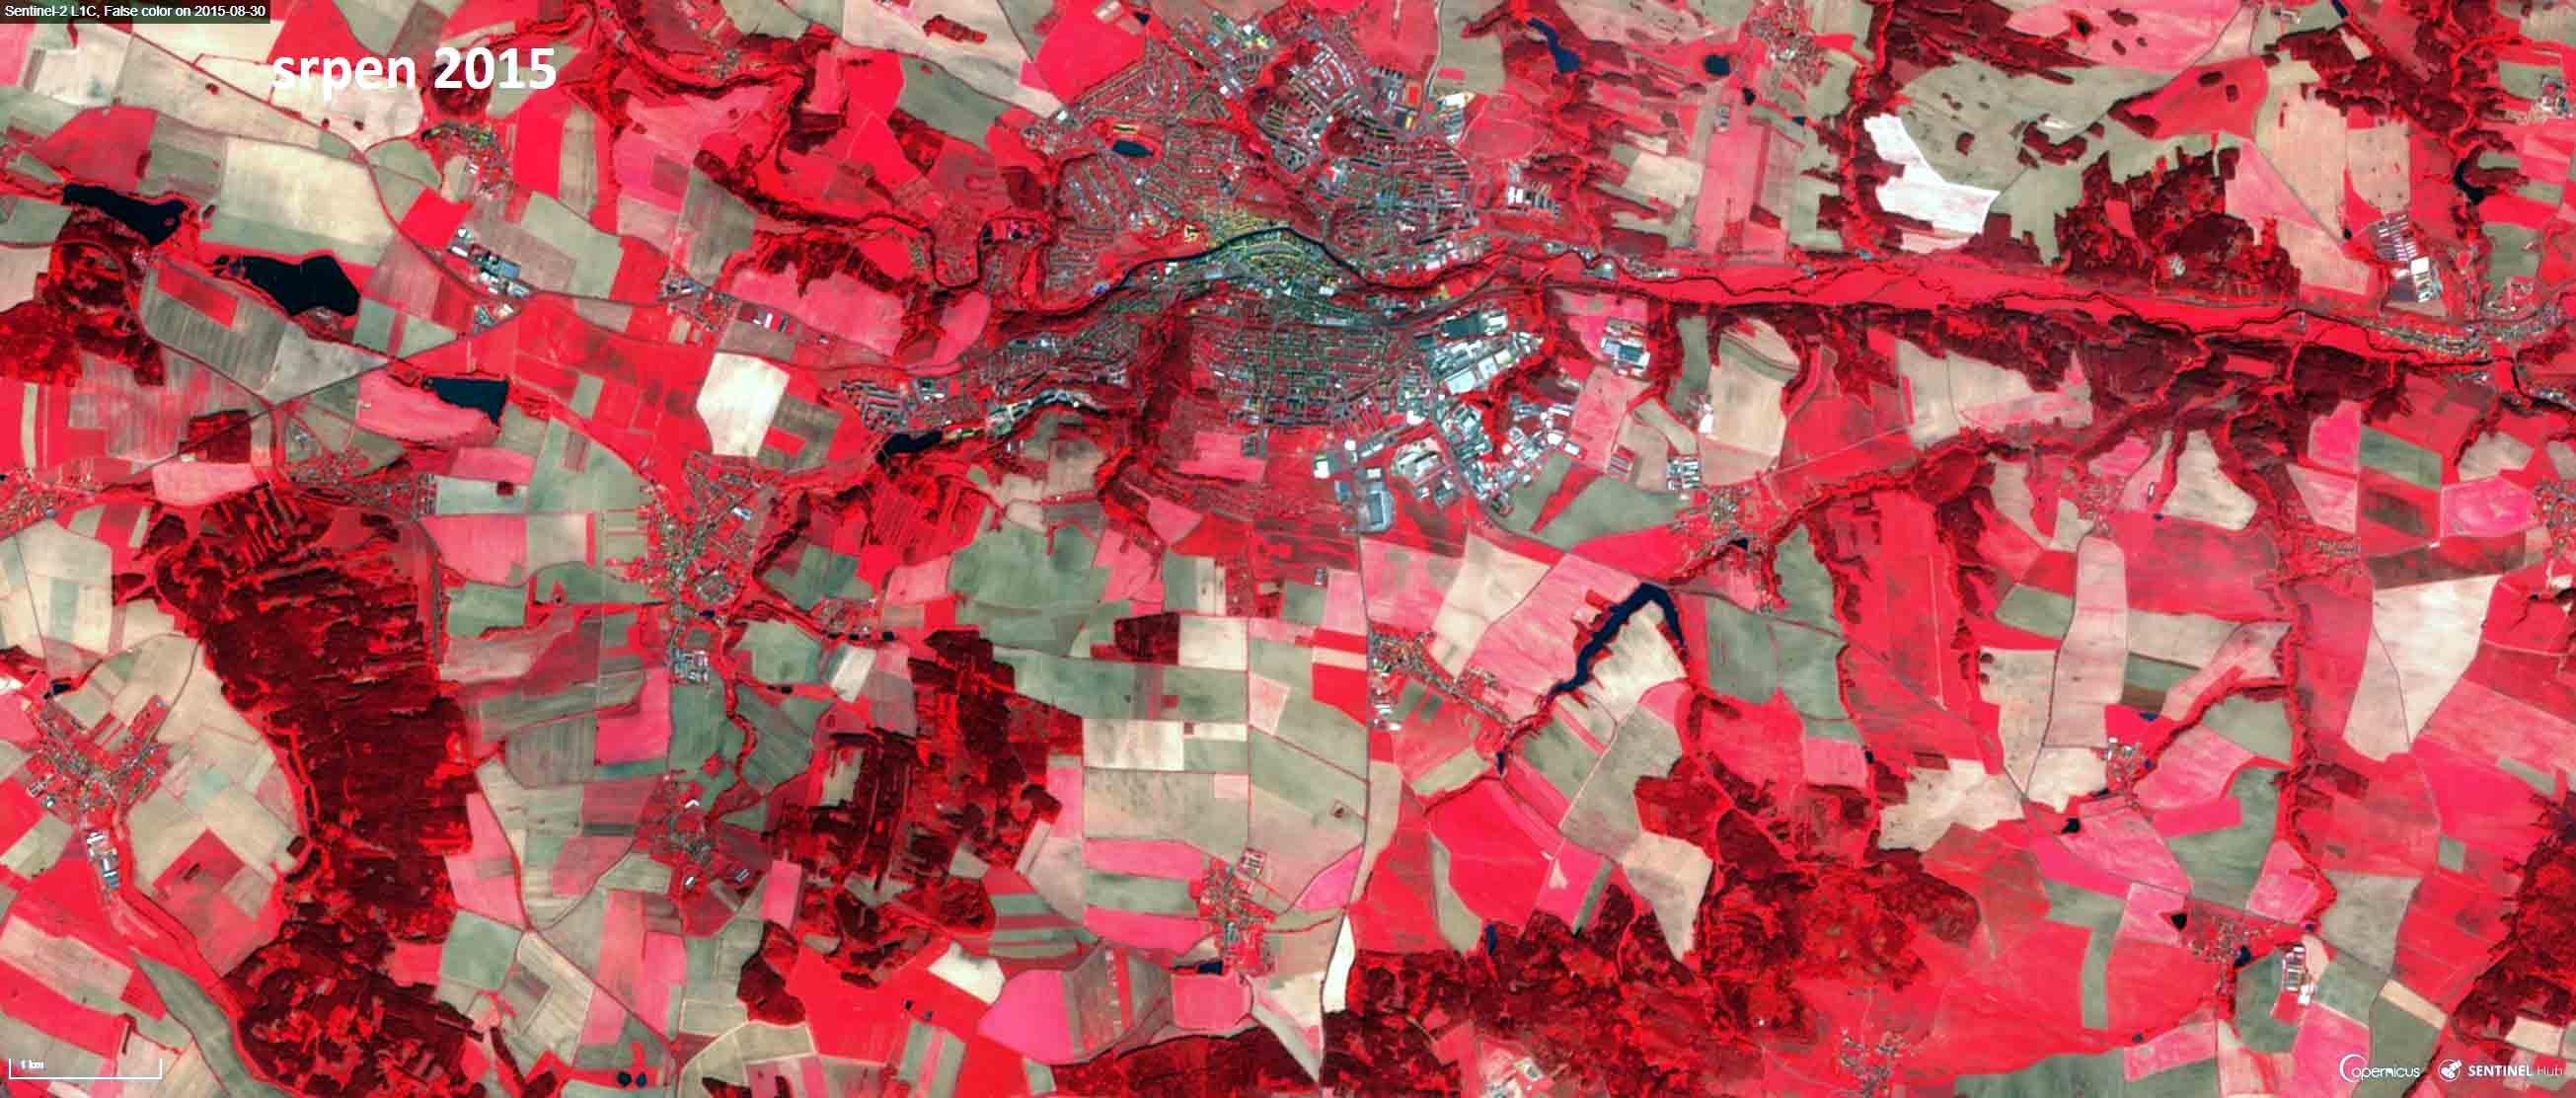 Snímek z roku 2015 v infračerveném pásmu